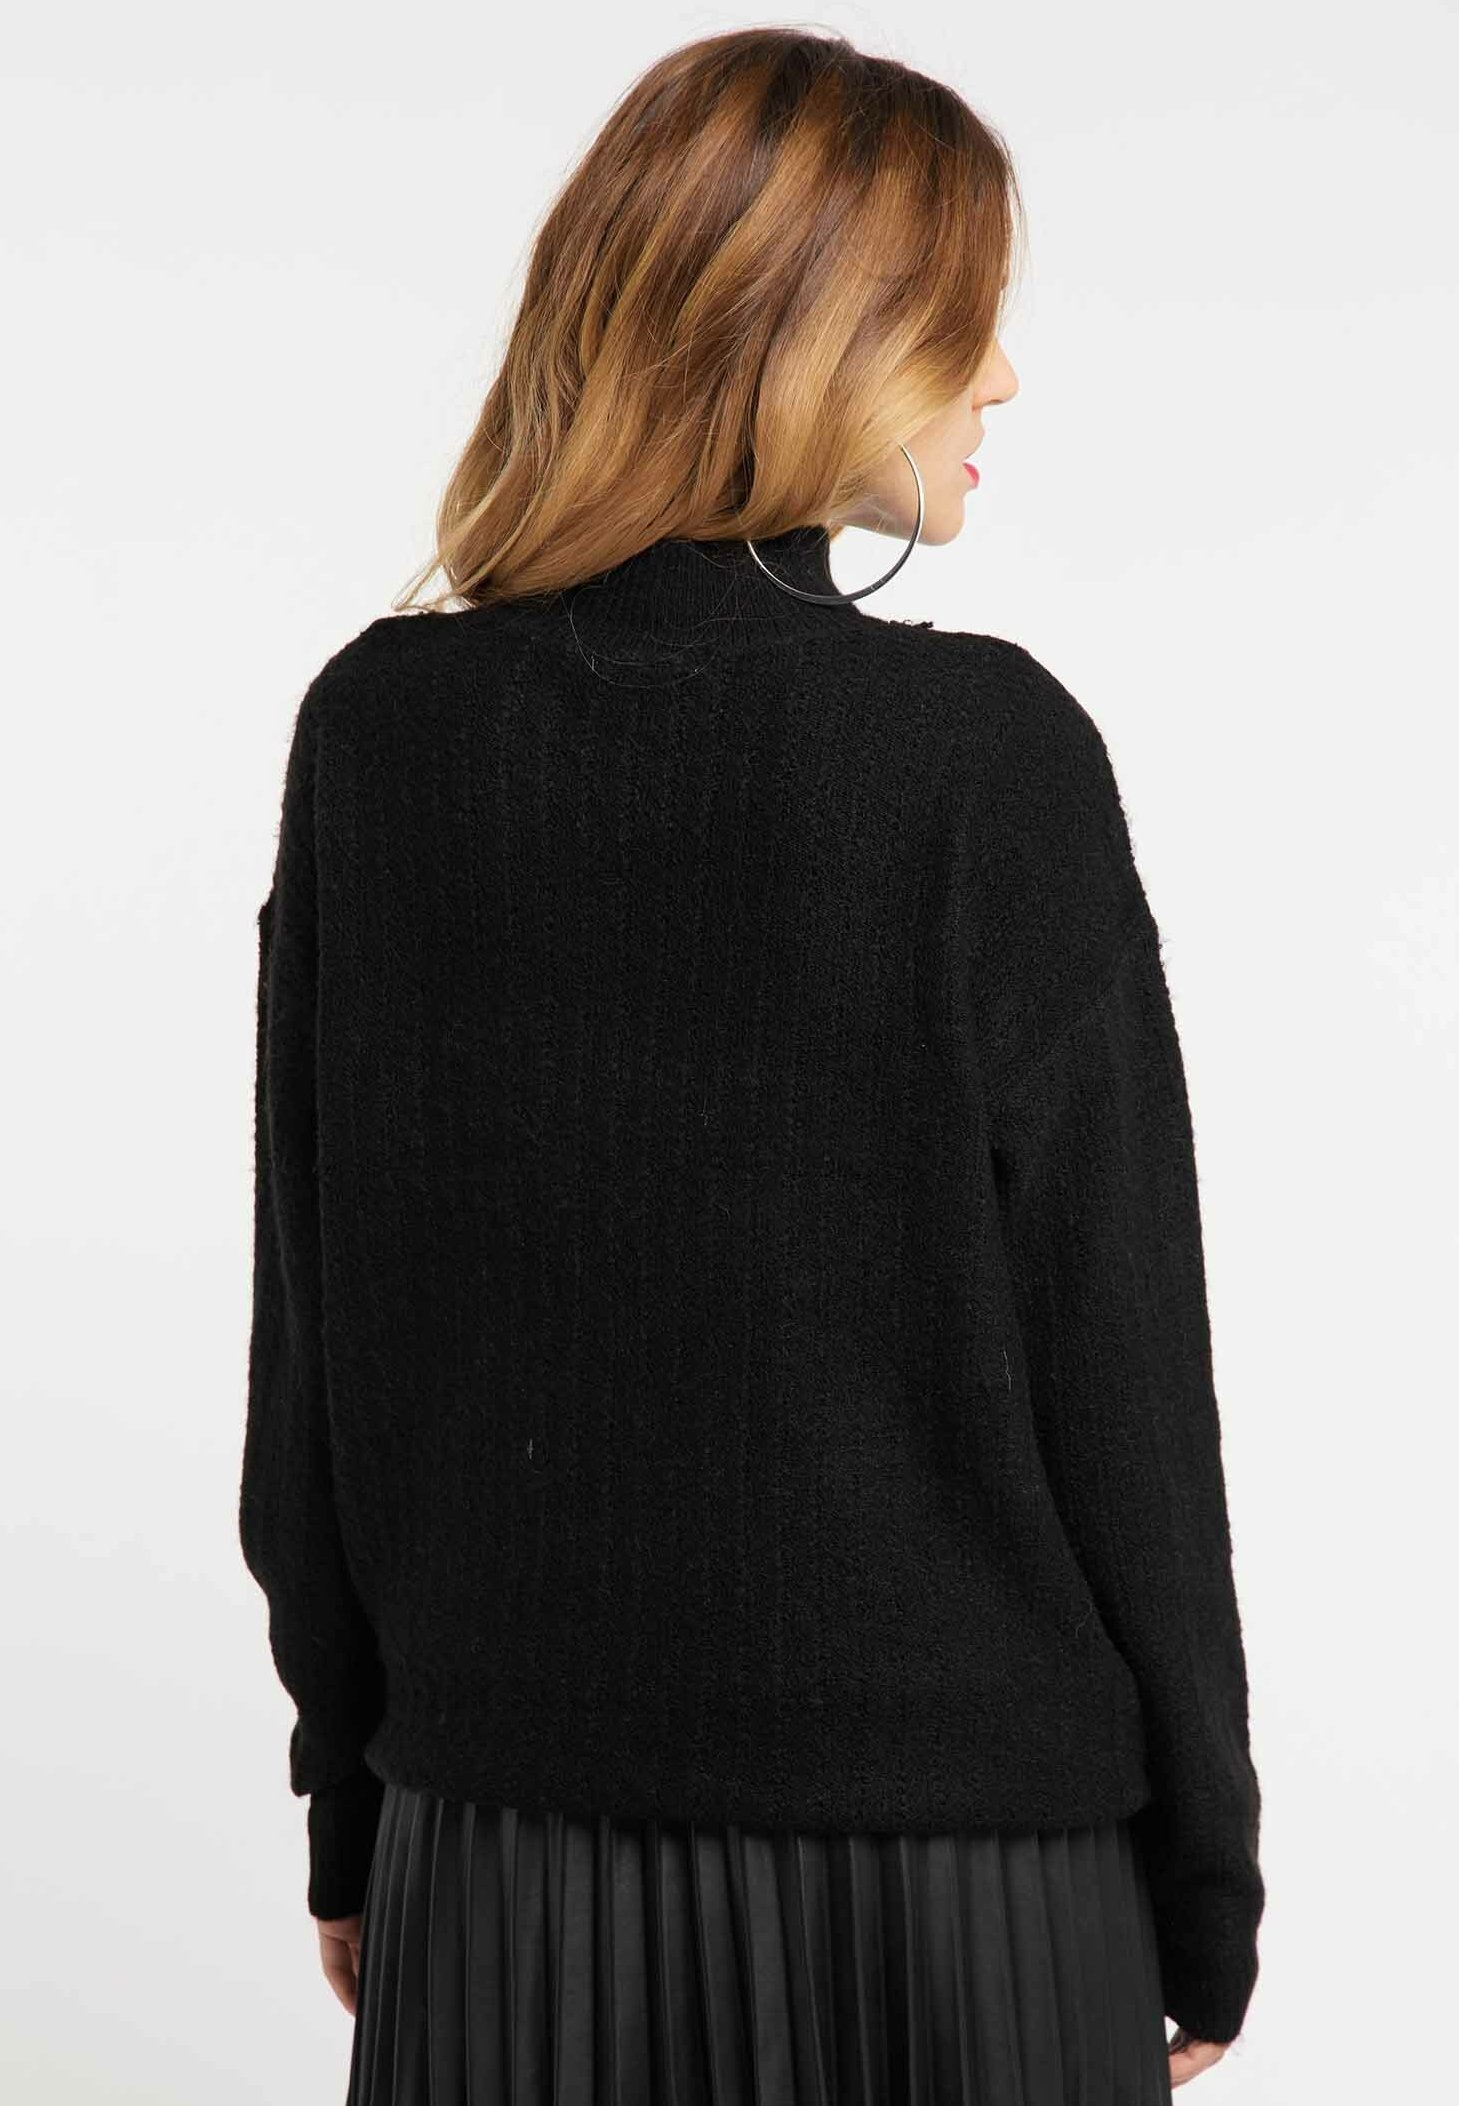 Wholesale Quality Women's Clothing faina Jumper black v8JRG8JvJ